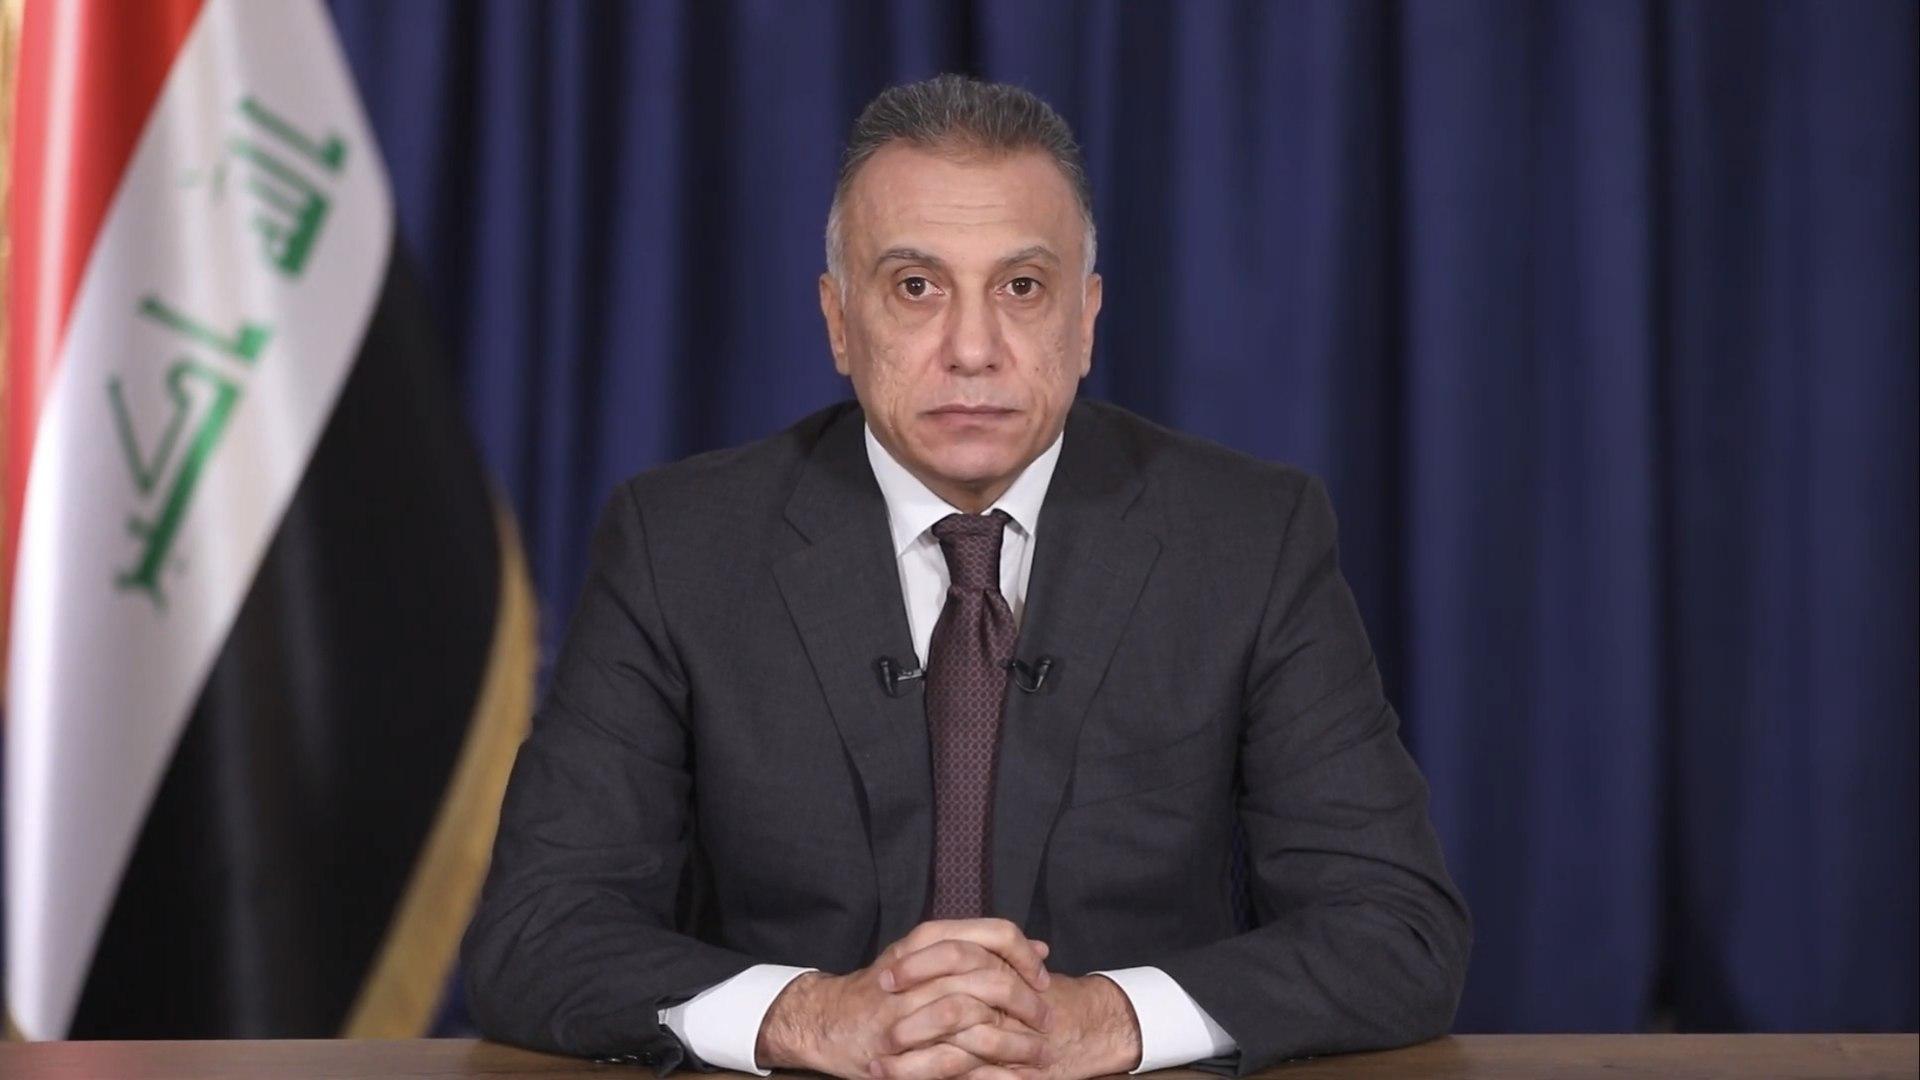 وصول المنهاج الوزاري لرئيس الوزراء المكلف مصطفى الكاظمي الى مجلس النواب العراقي